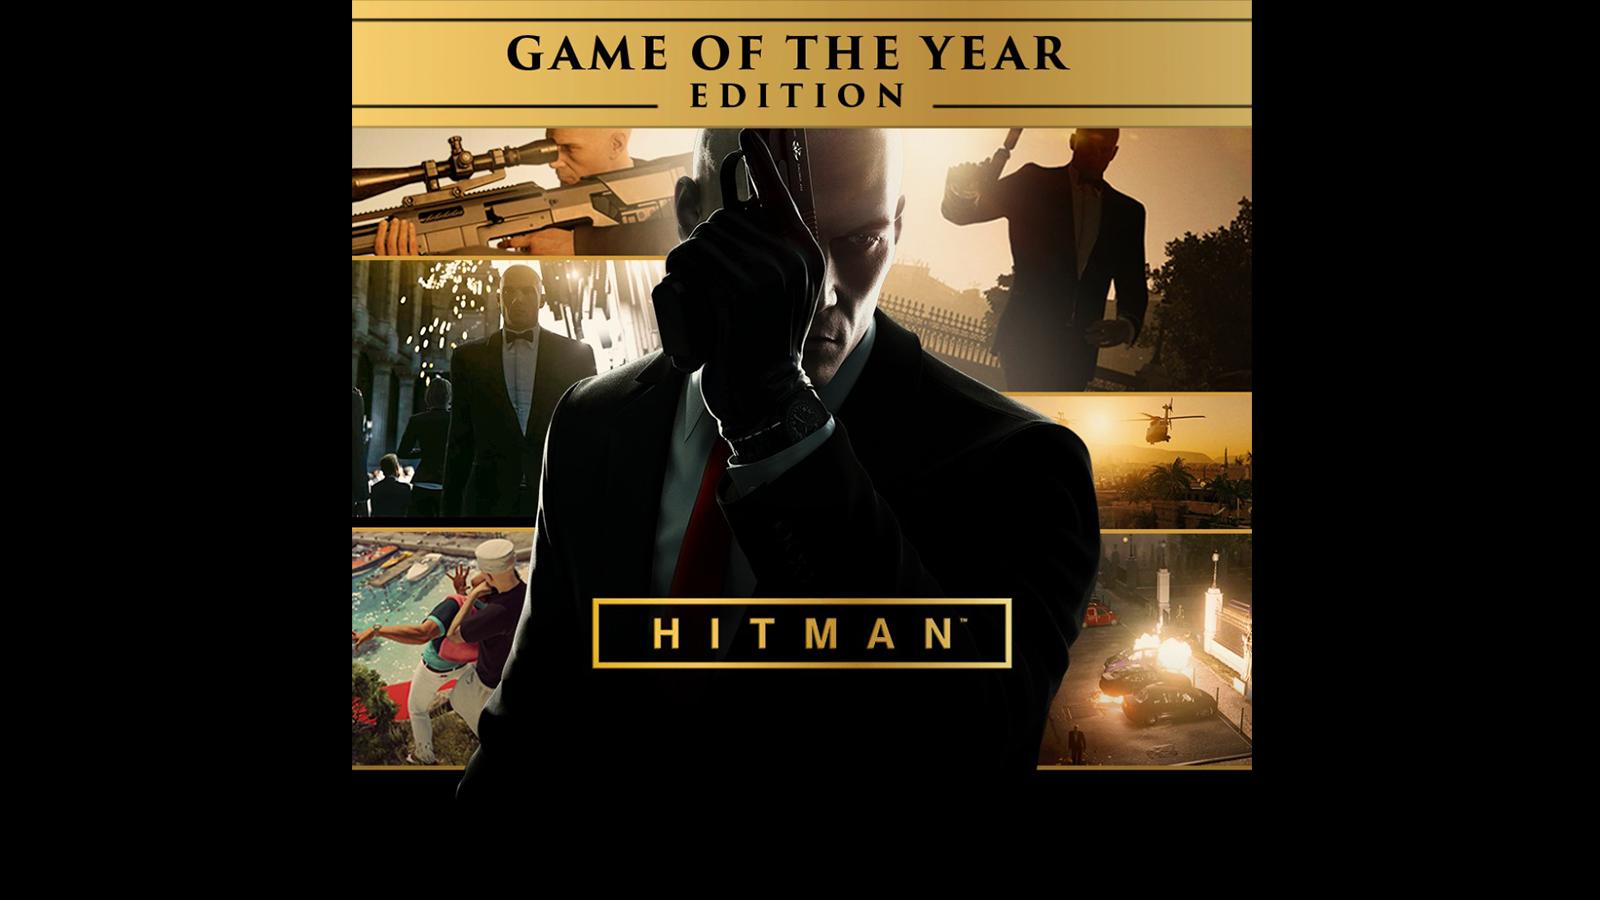 hitman game of the years ile ilgili görsel sonucu